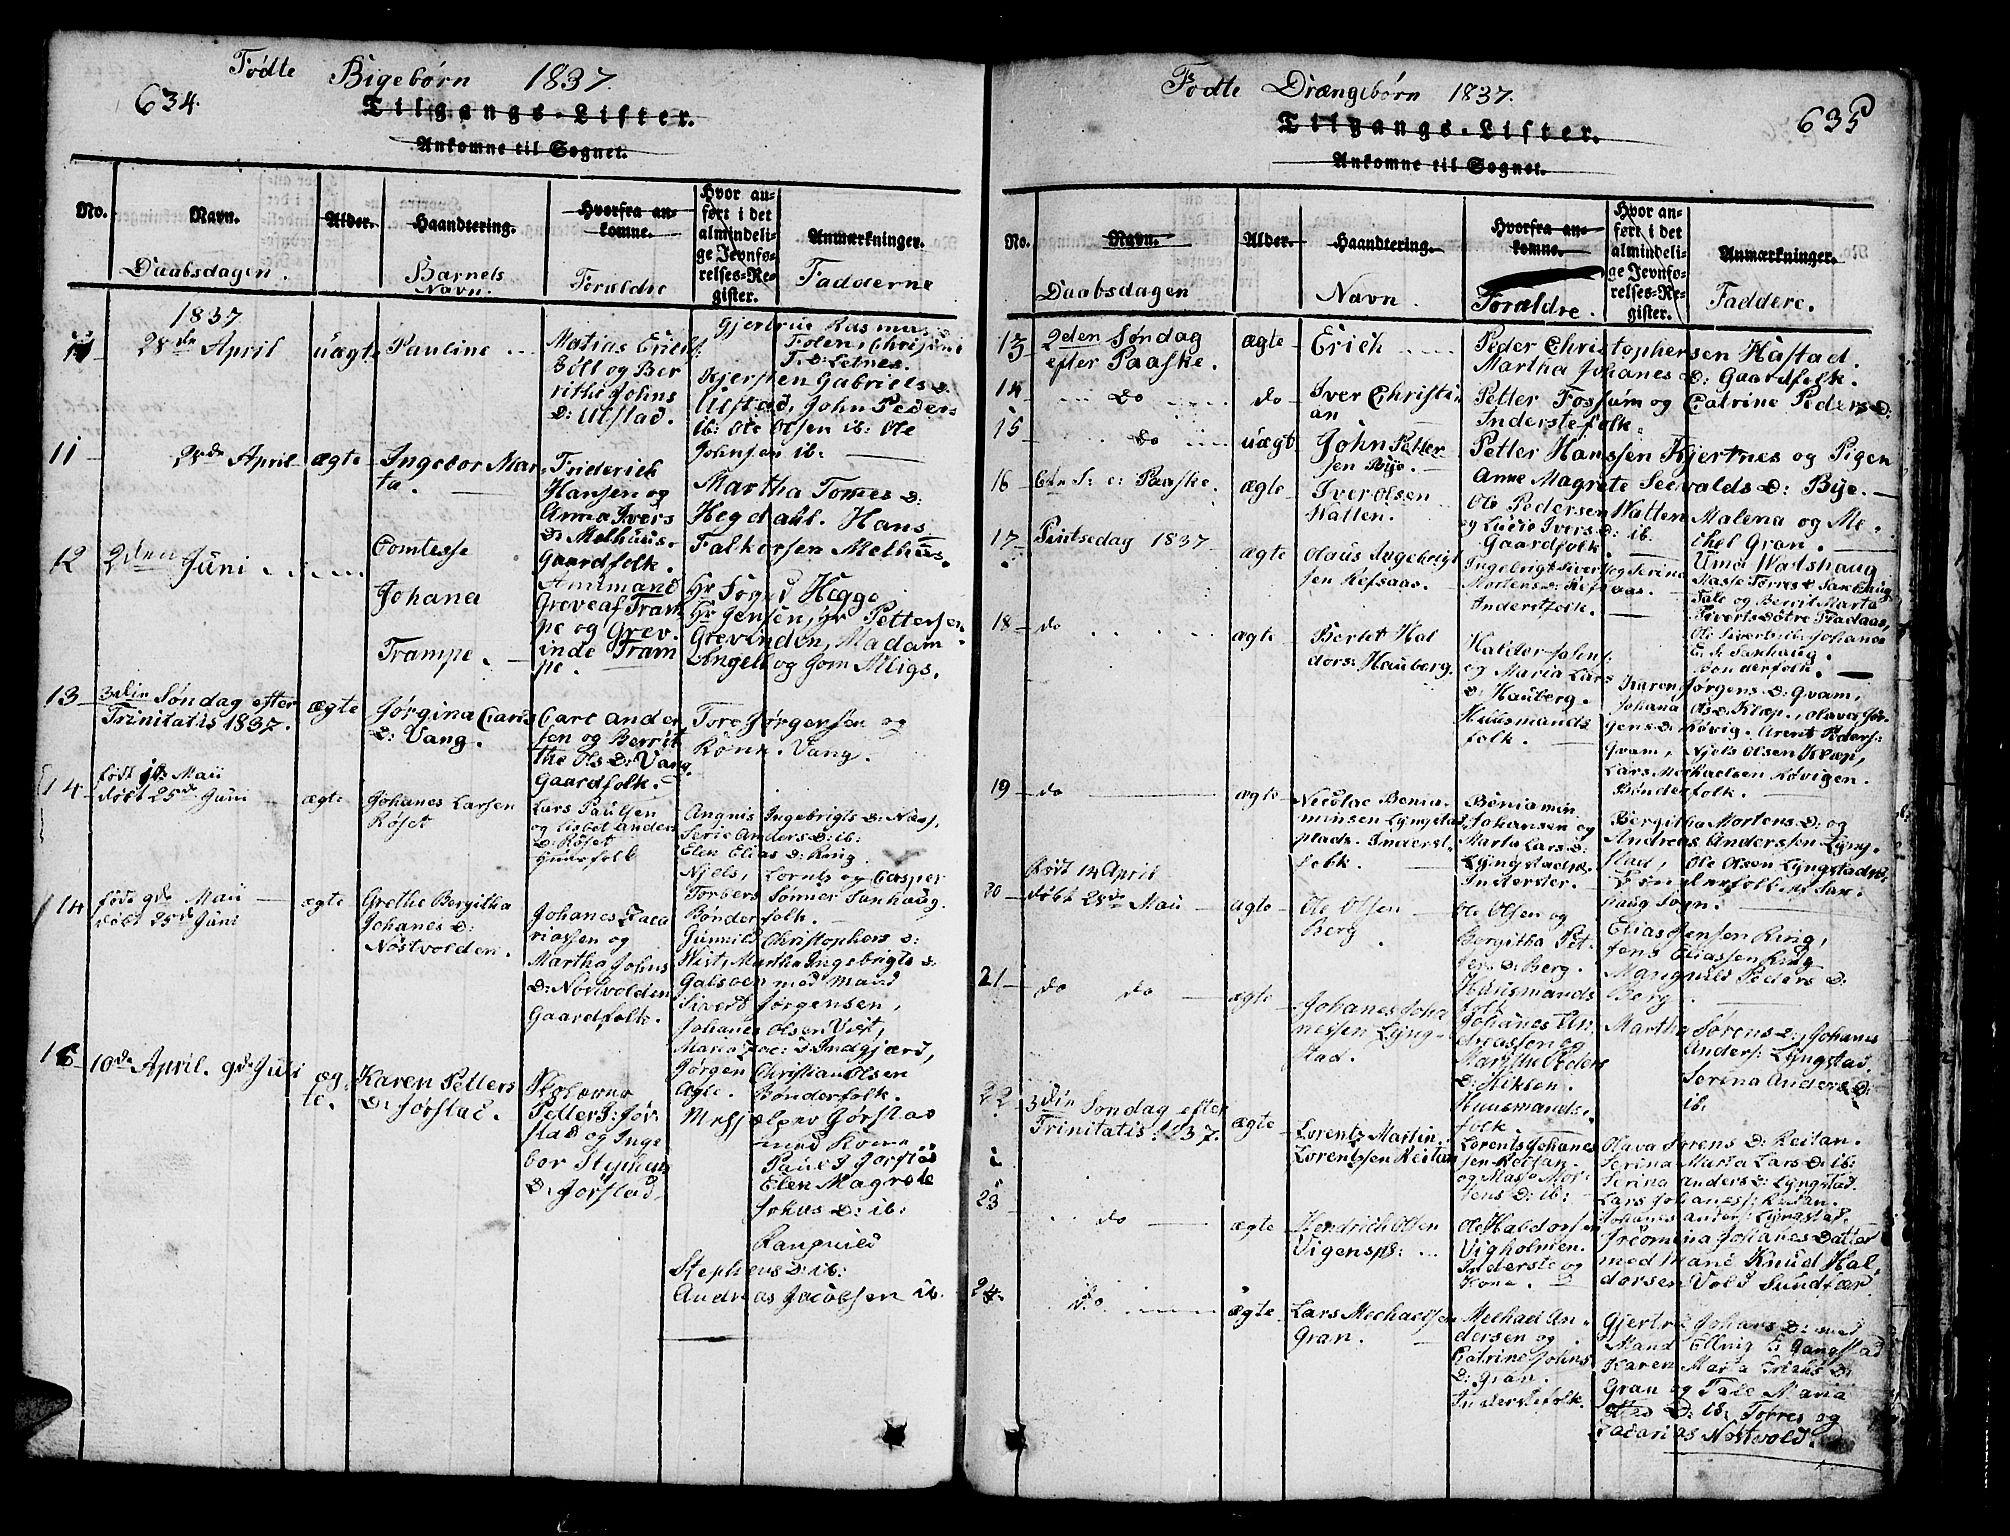 SAT, Ministerialprotokoller, klokkerbøker og fødselsregistre - Nord-Trøndelag, 730/L0298: Klokkerbok nr. 730C01, 1816-1849, s. 634-635